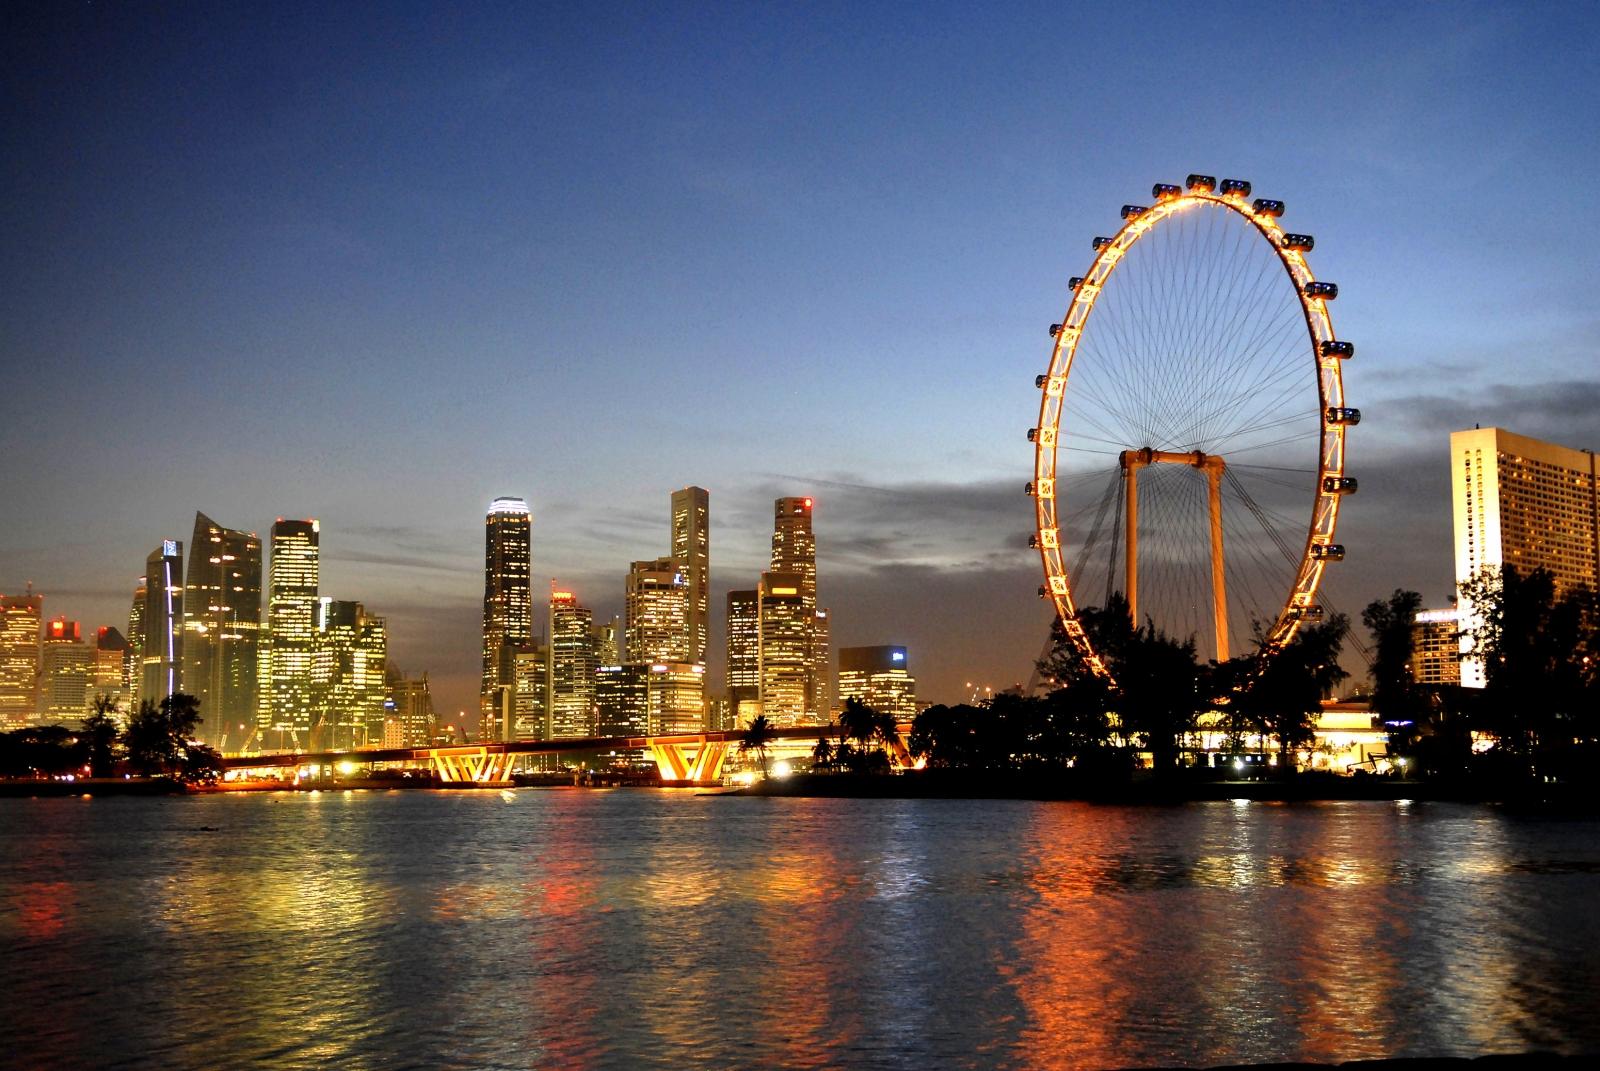 Tour Singapore - Singapore Flyer